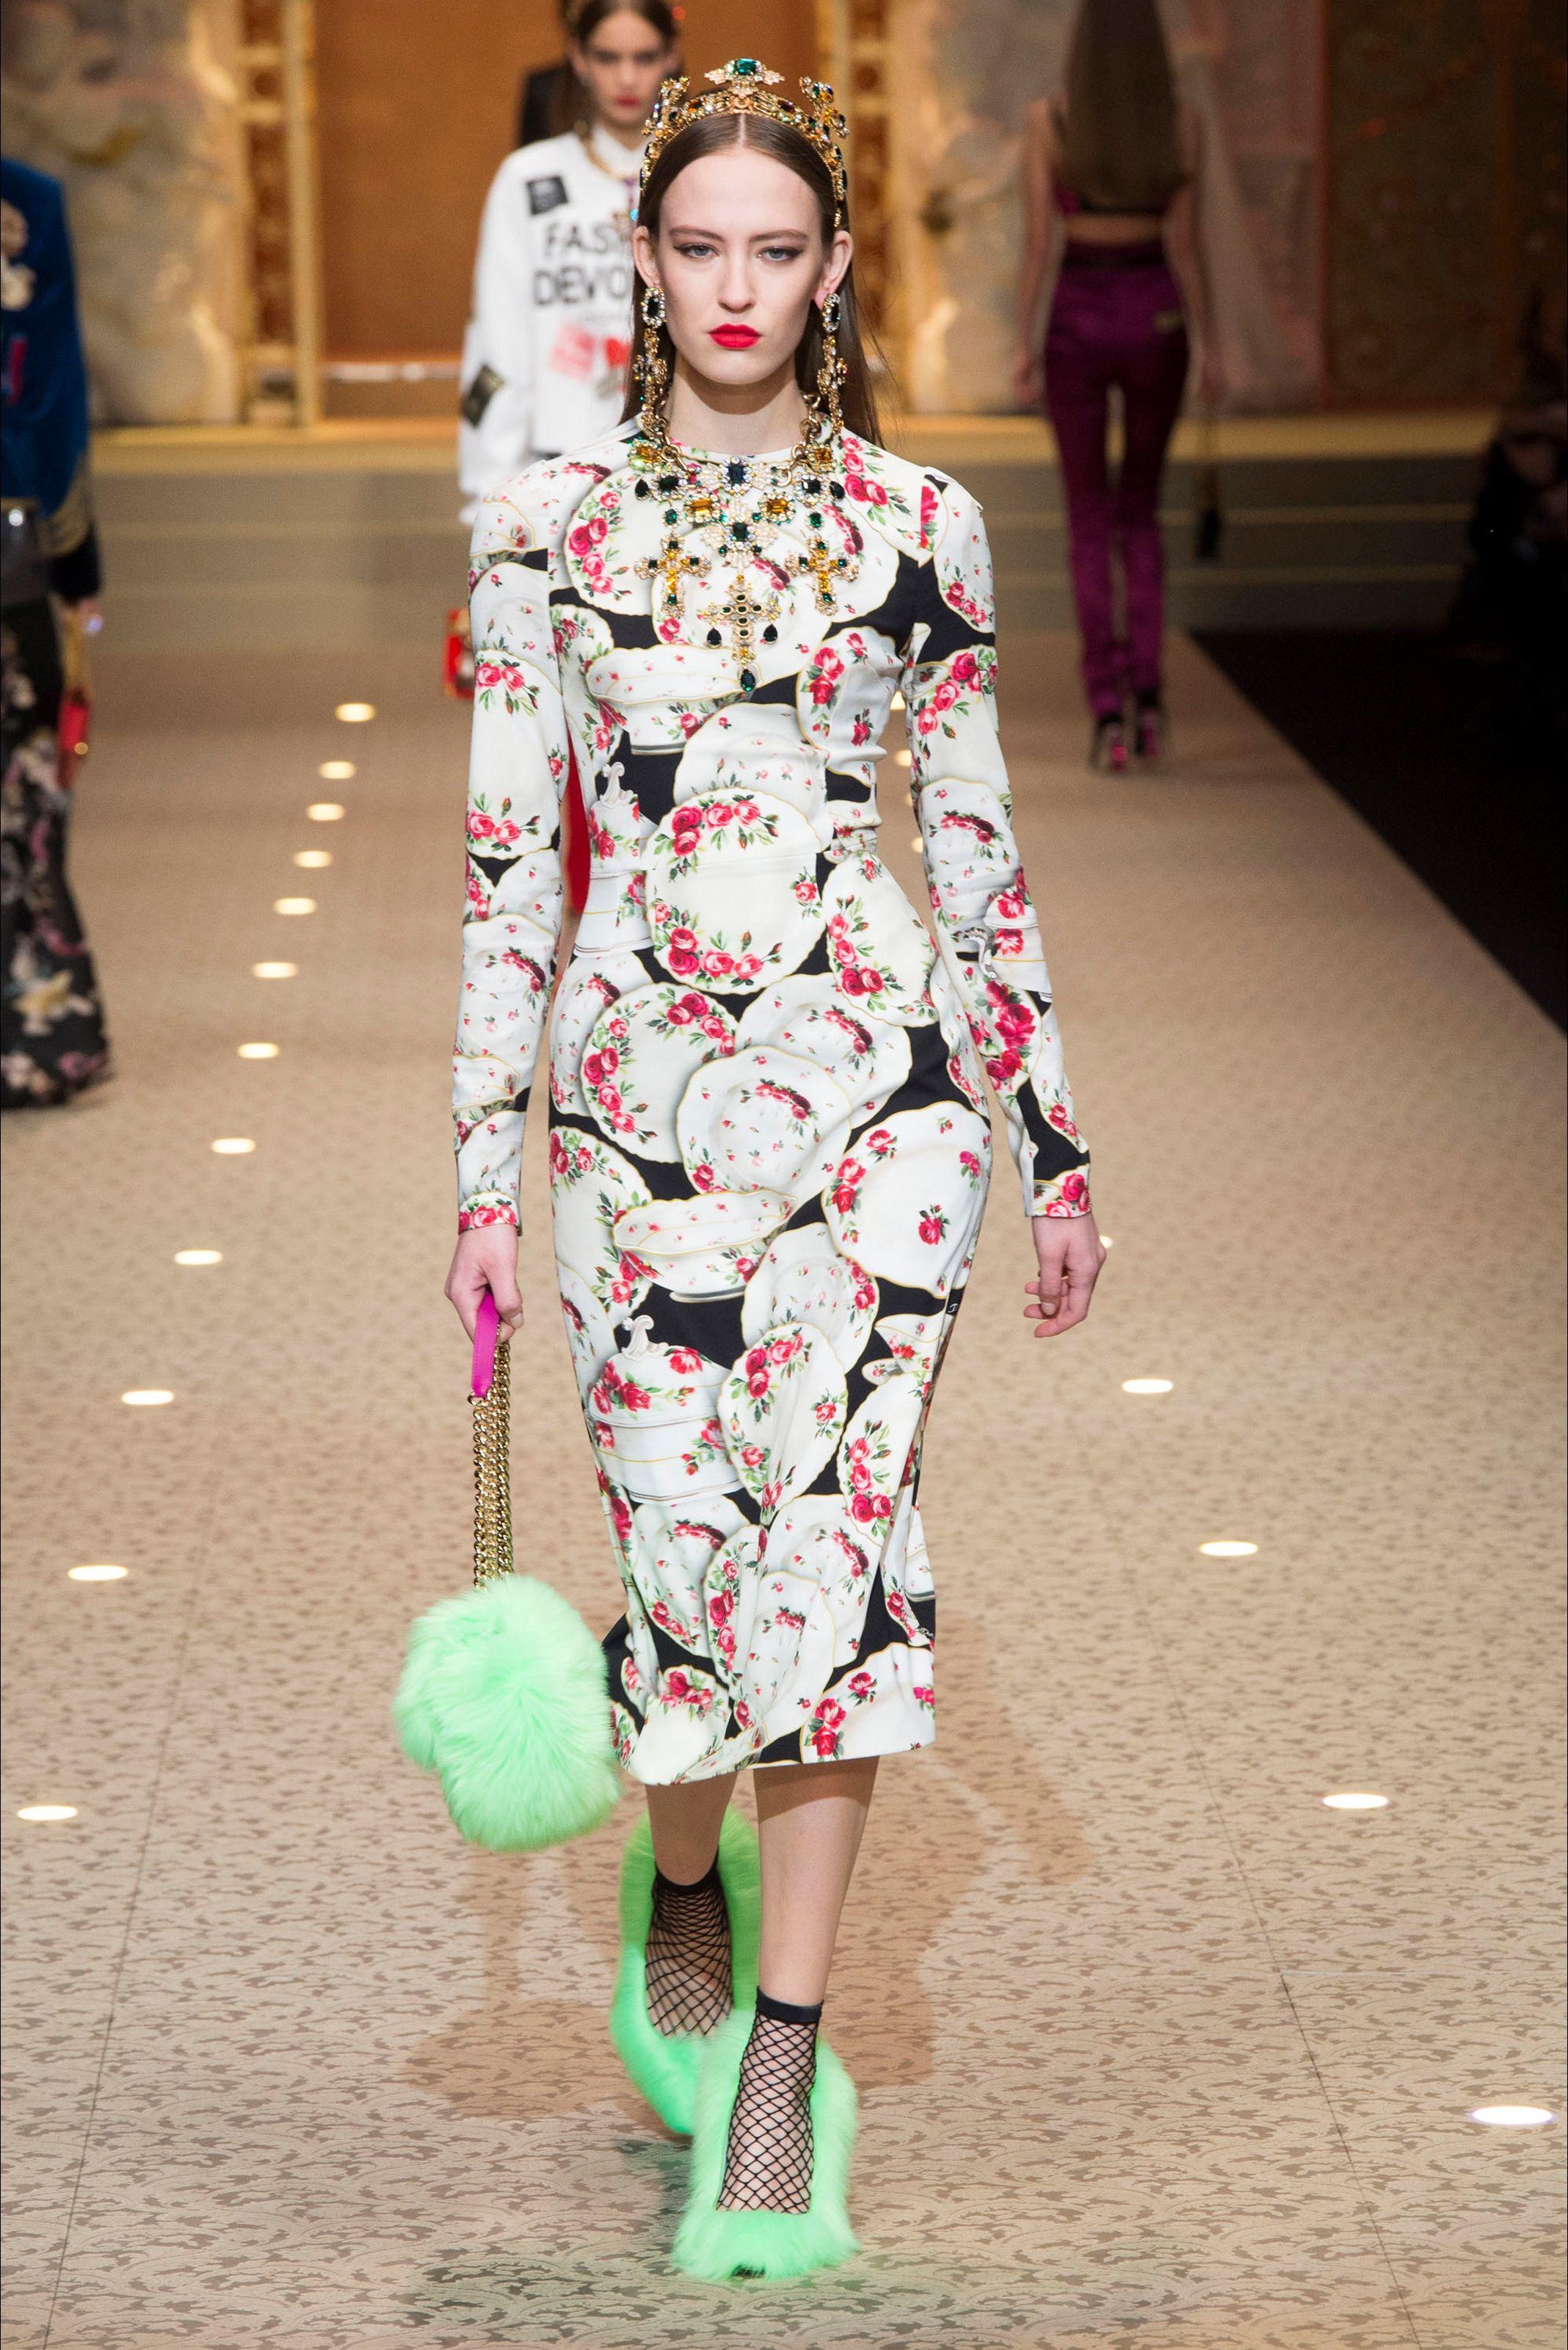 Sfilata Dolce   Gabbana Milano - Collezioni Autunno Inverno 2018-19 - Vogue 5e51882bbbf